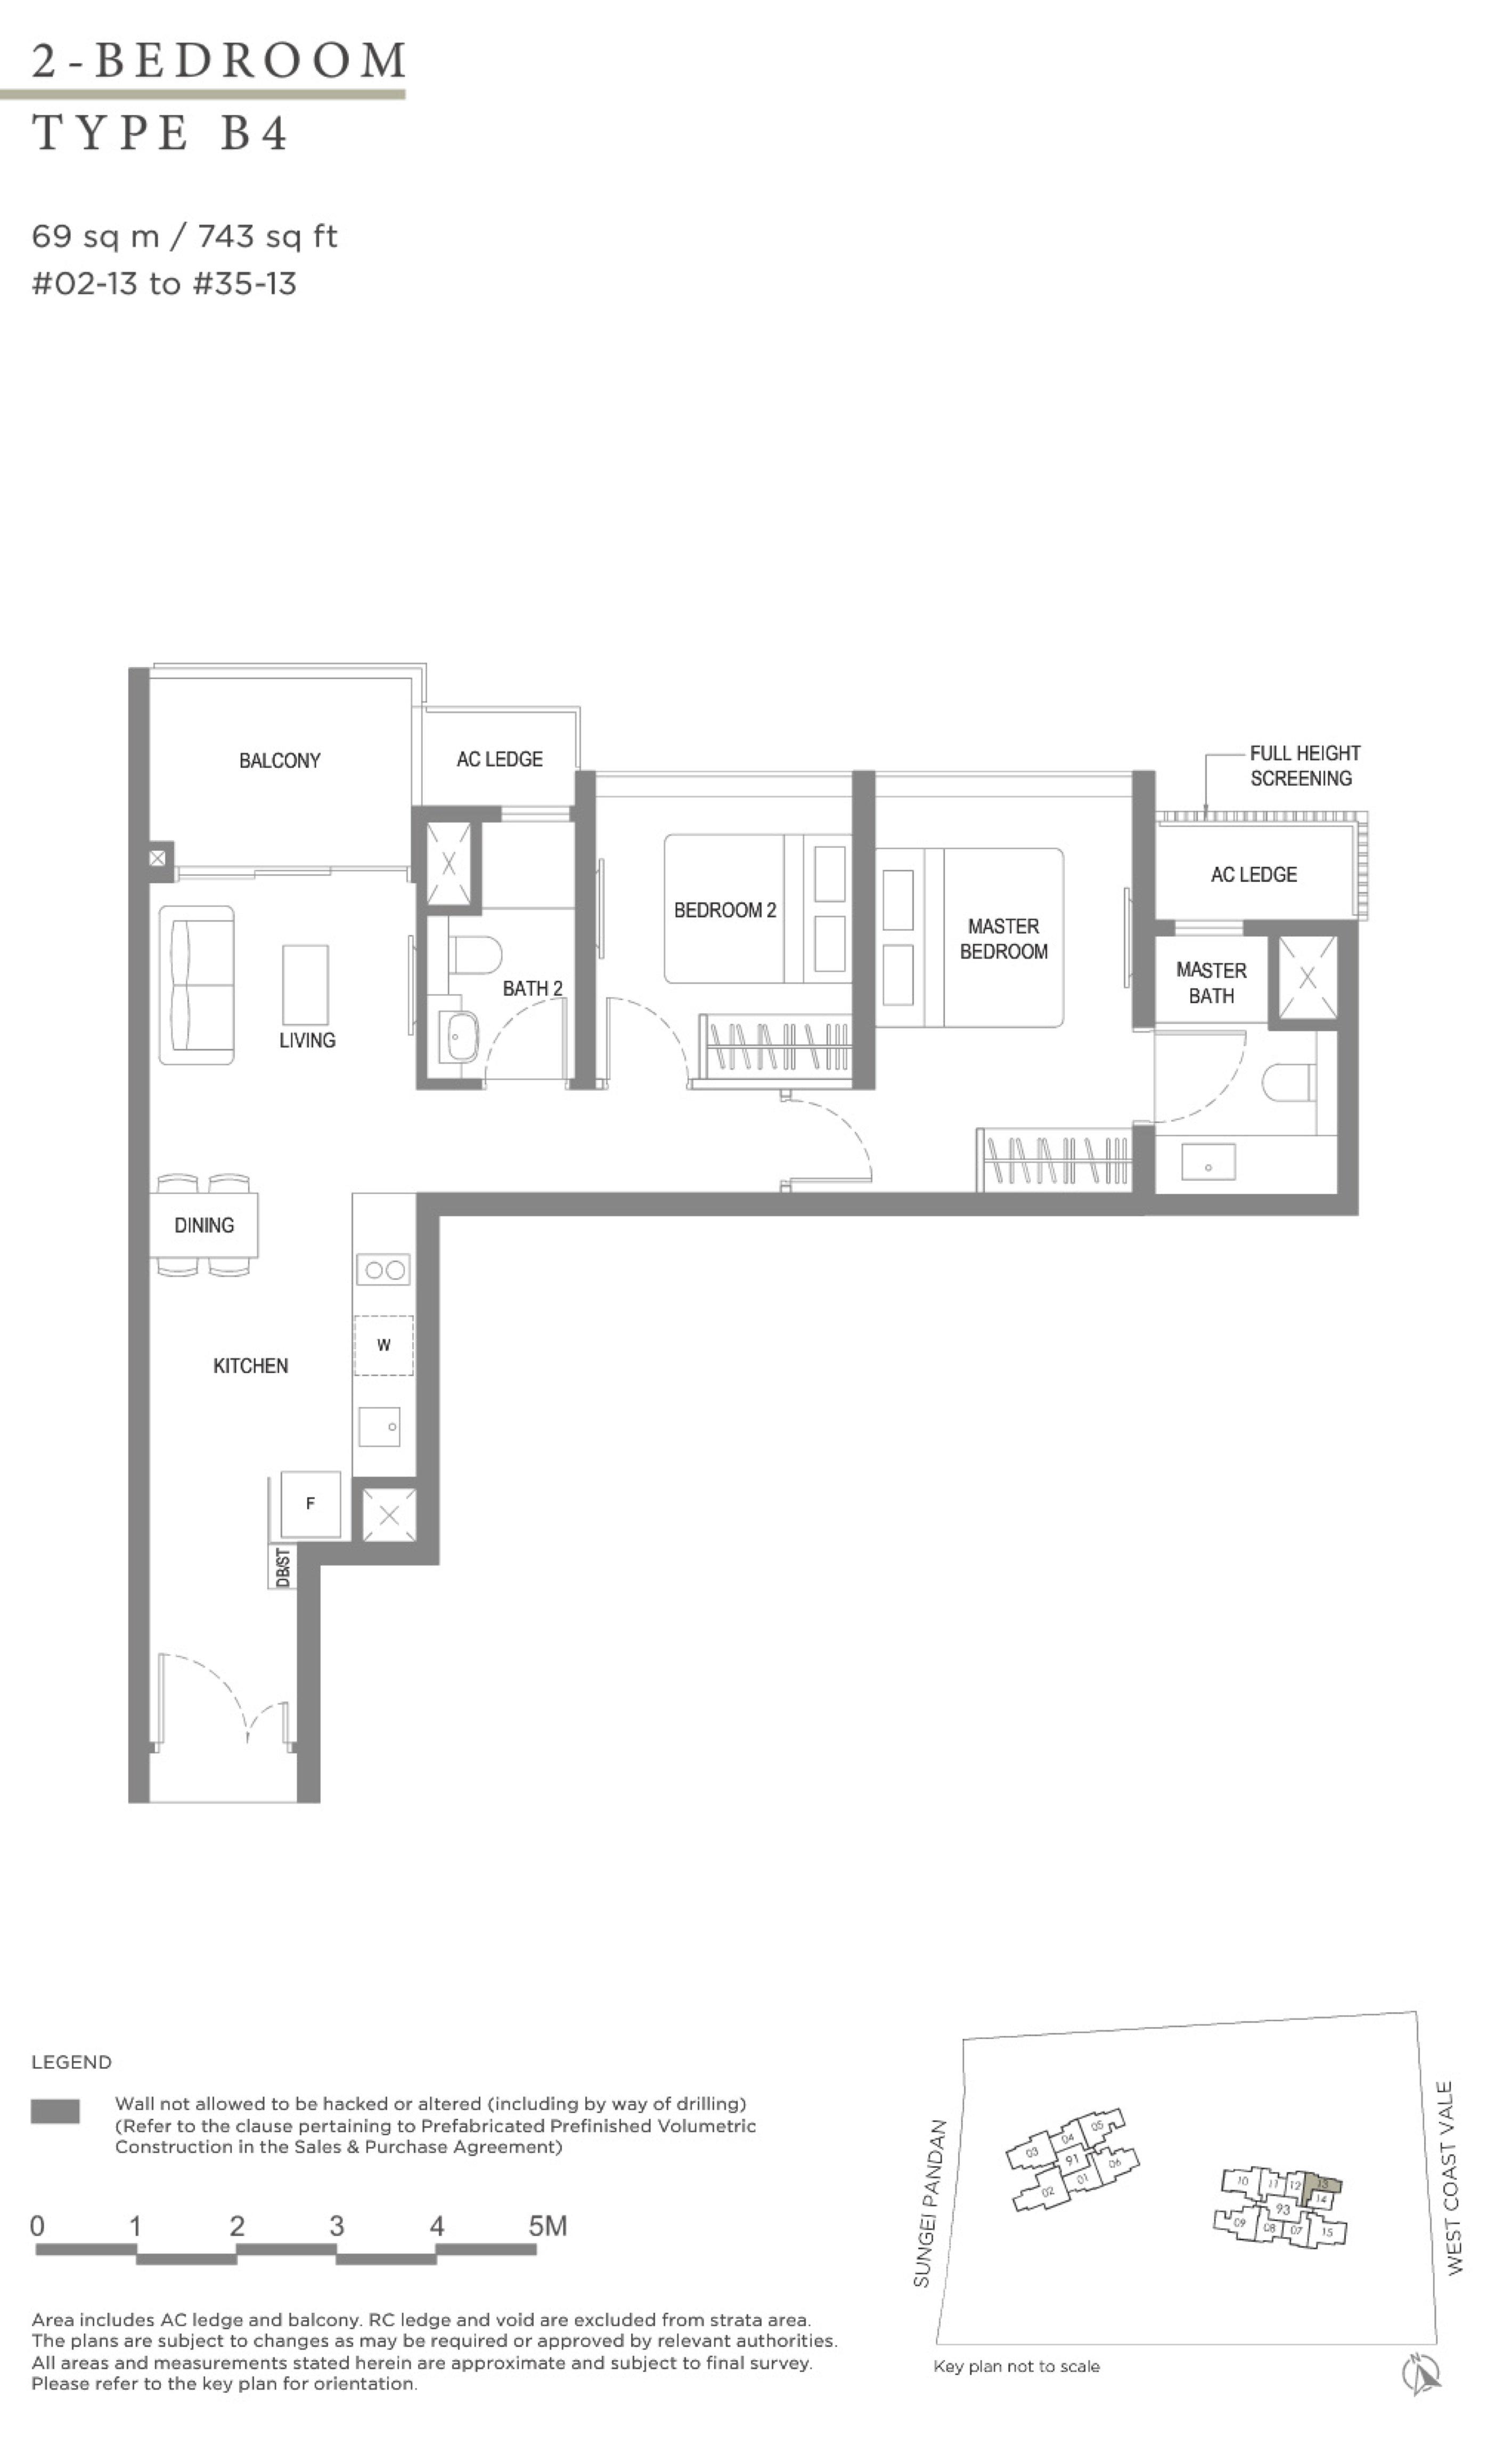 Twin VEW 2 bedroom B4 floor plan